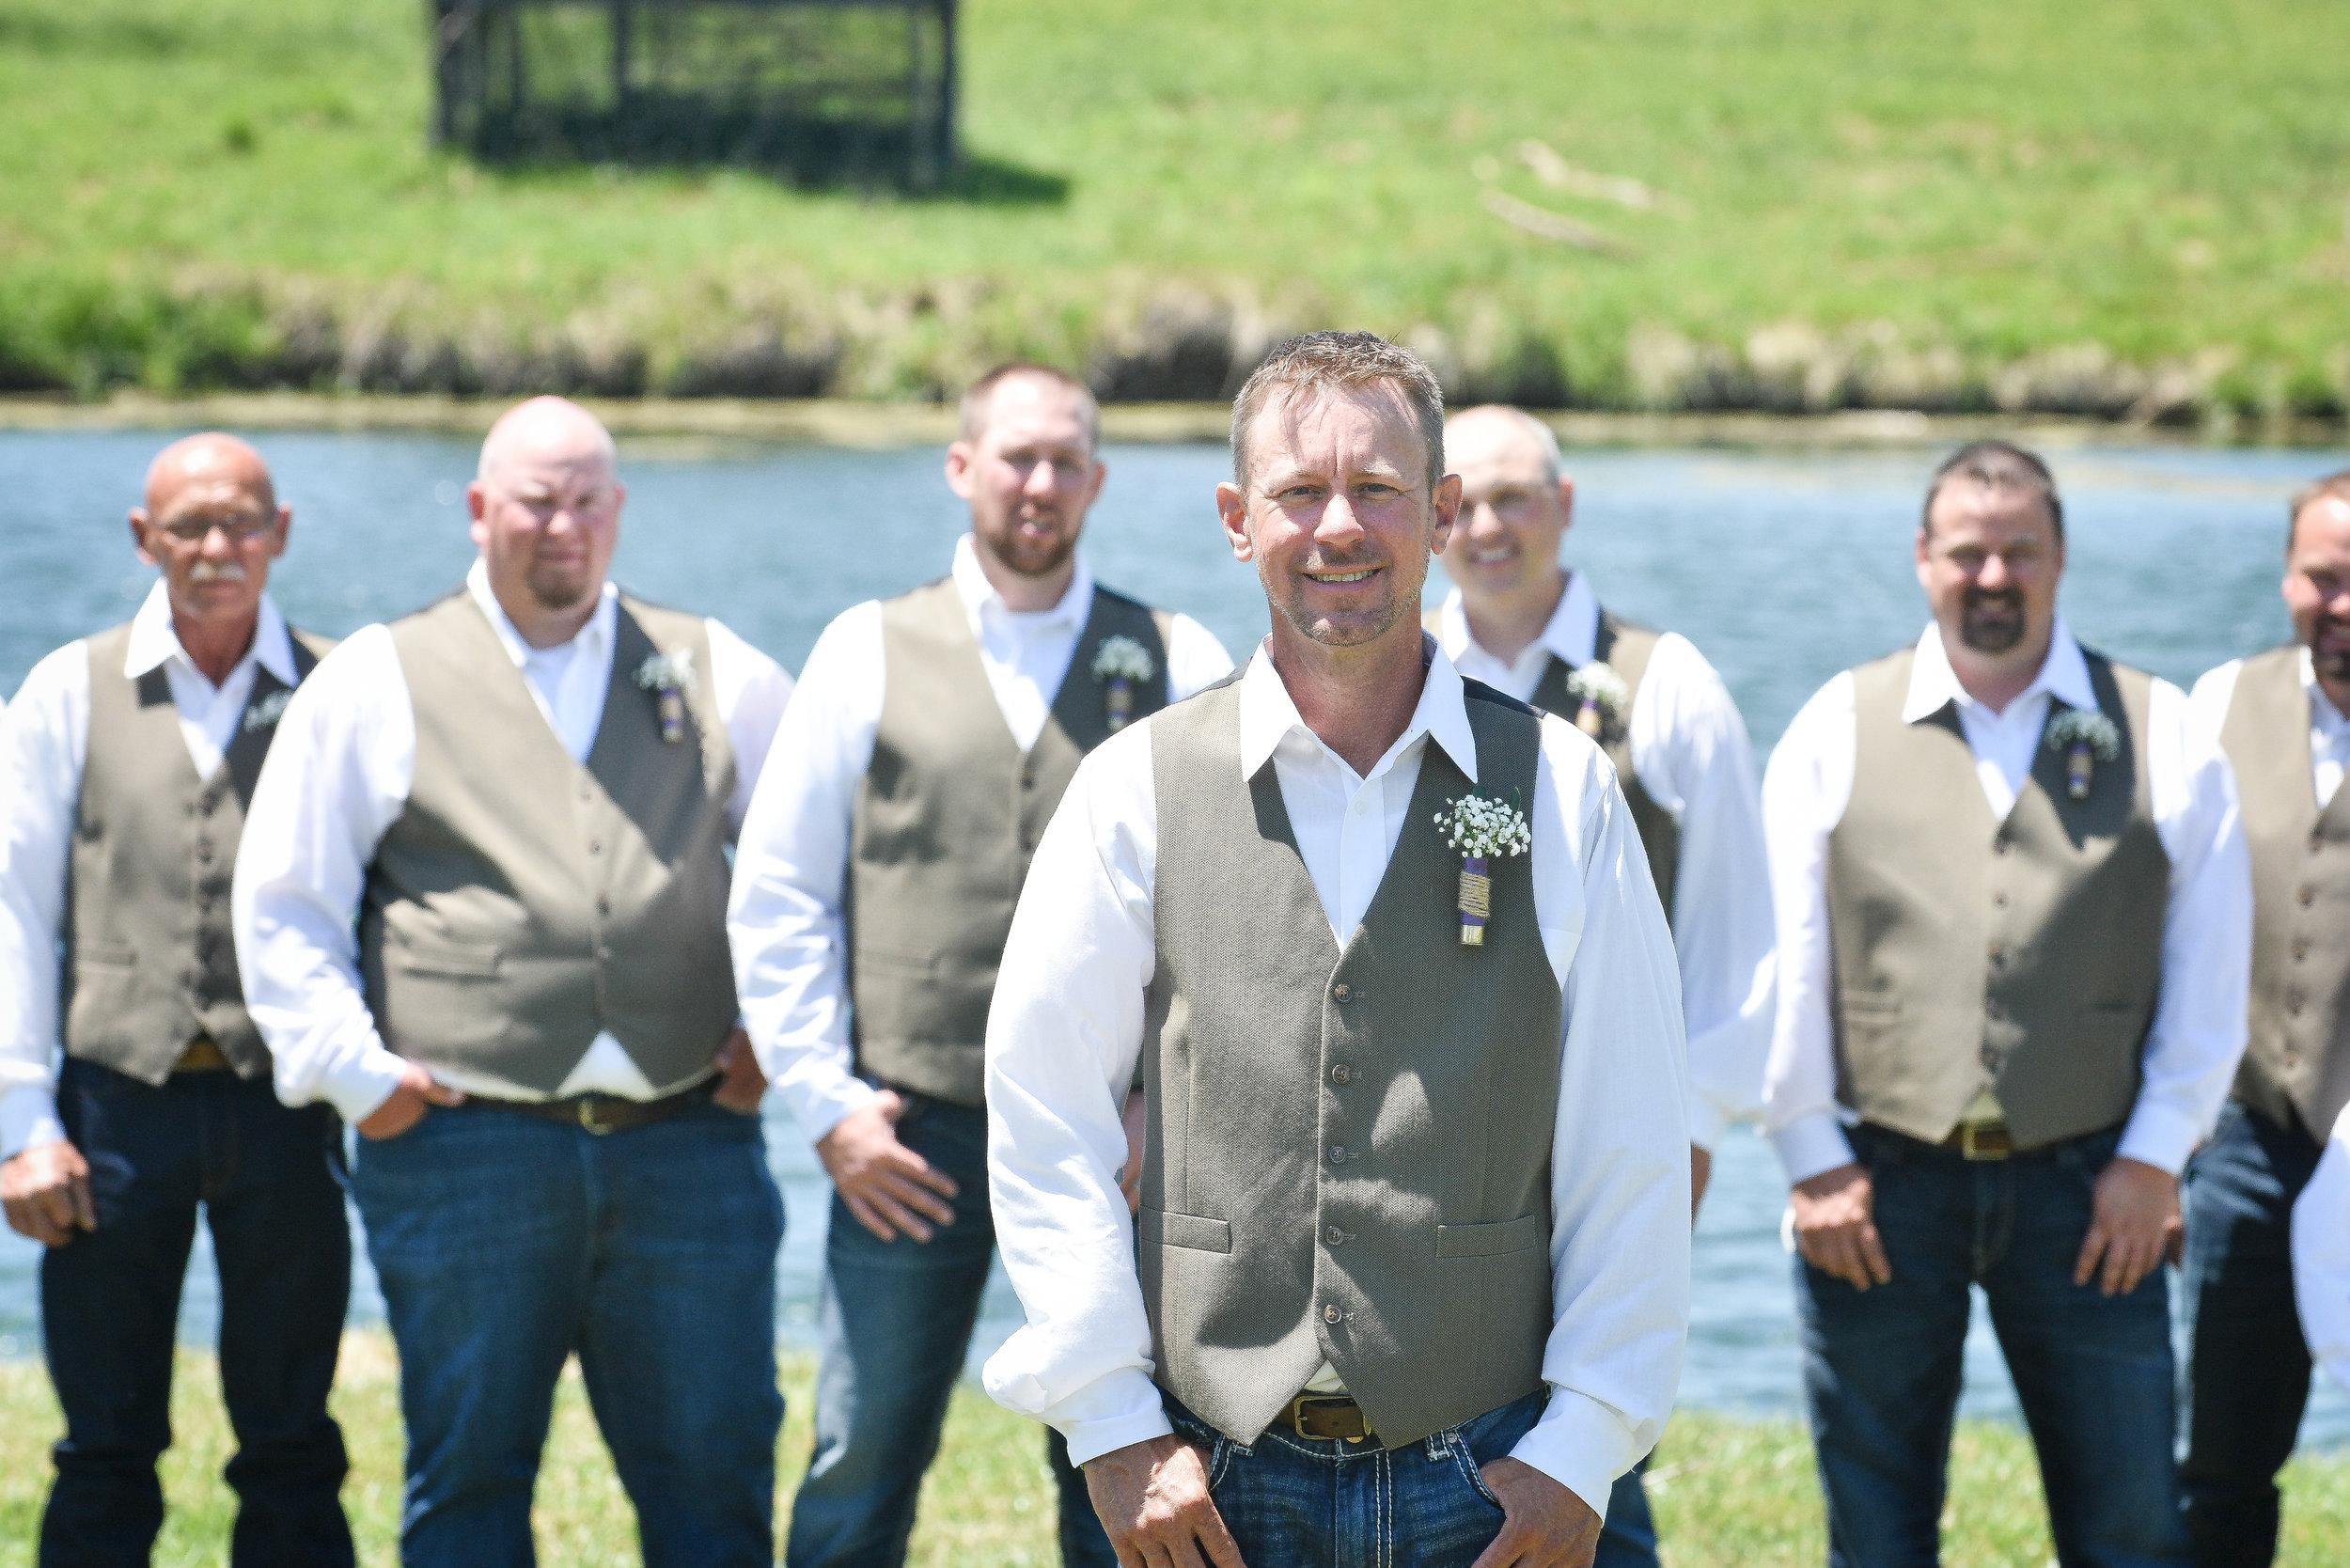 Knoxville Illinois Summer Wedding Groomsmen Boutonnieres